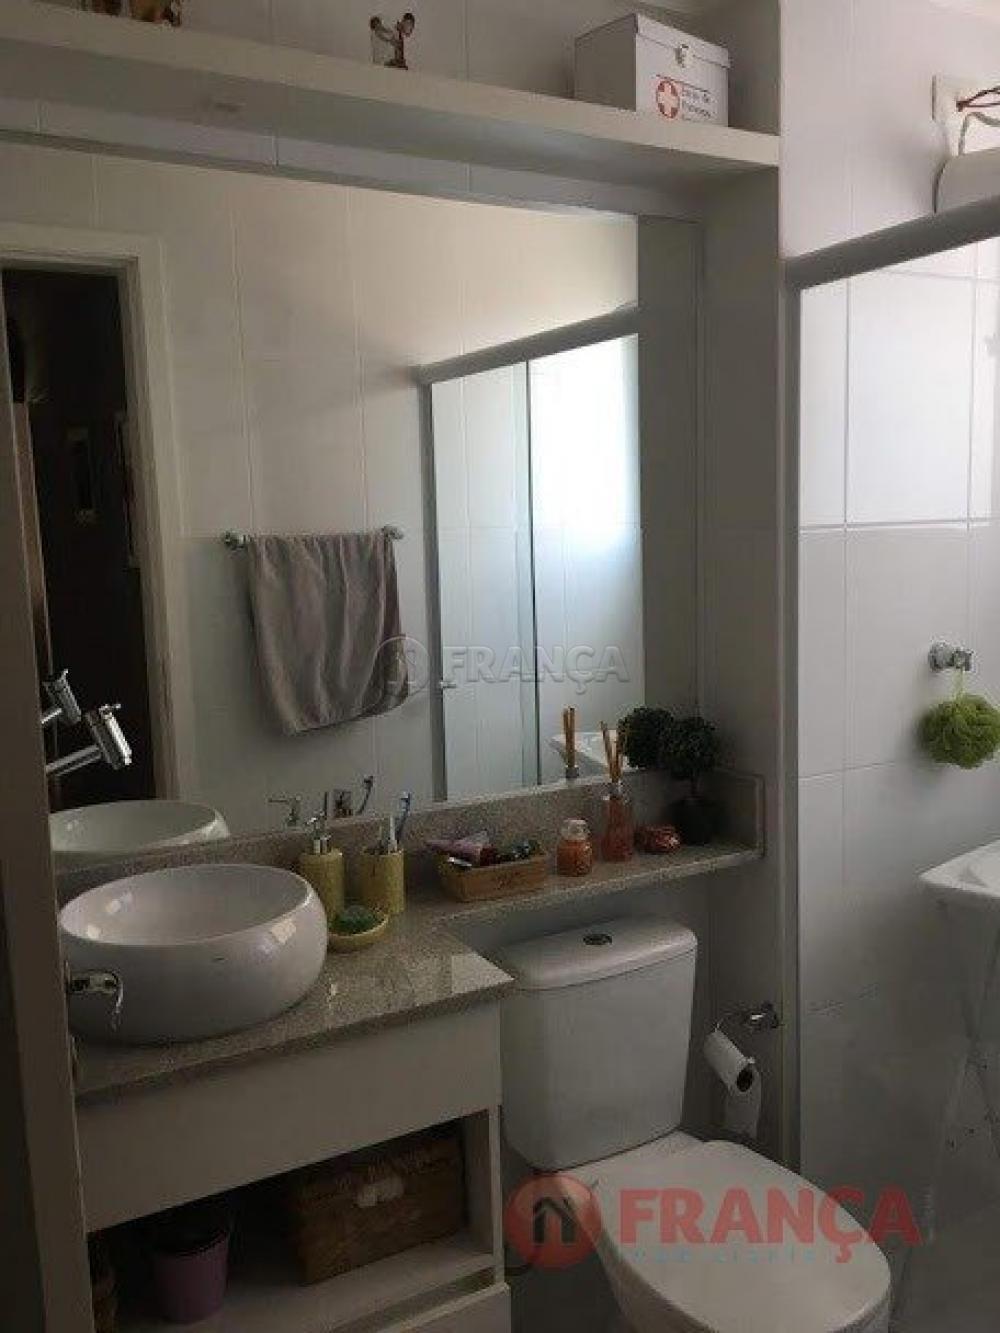 Comprar Apartamento / Padrão em Jacareí apenas R$ 330.000,00 - Foto 4